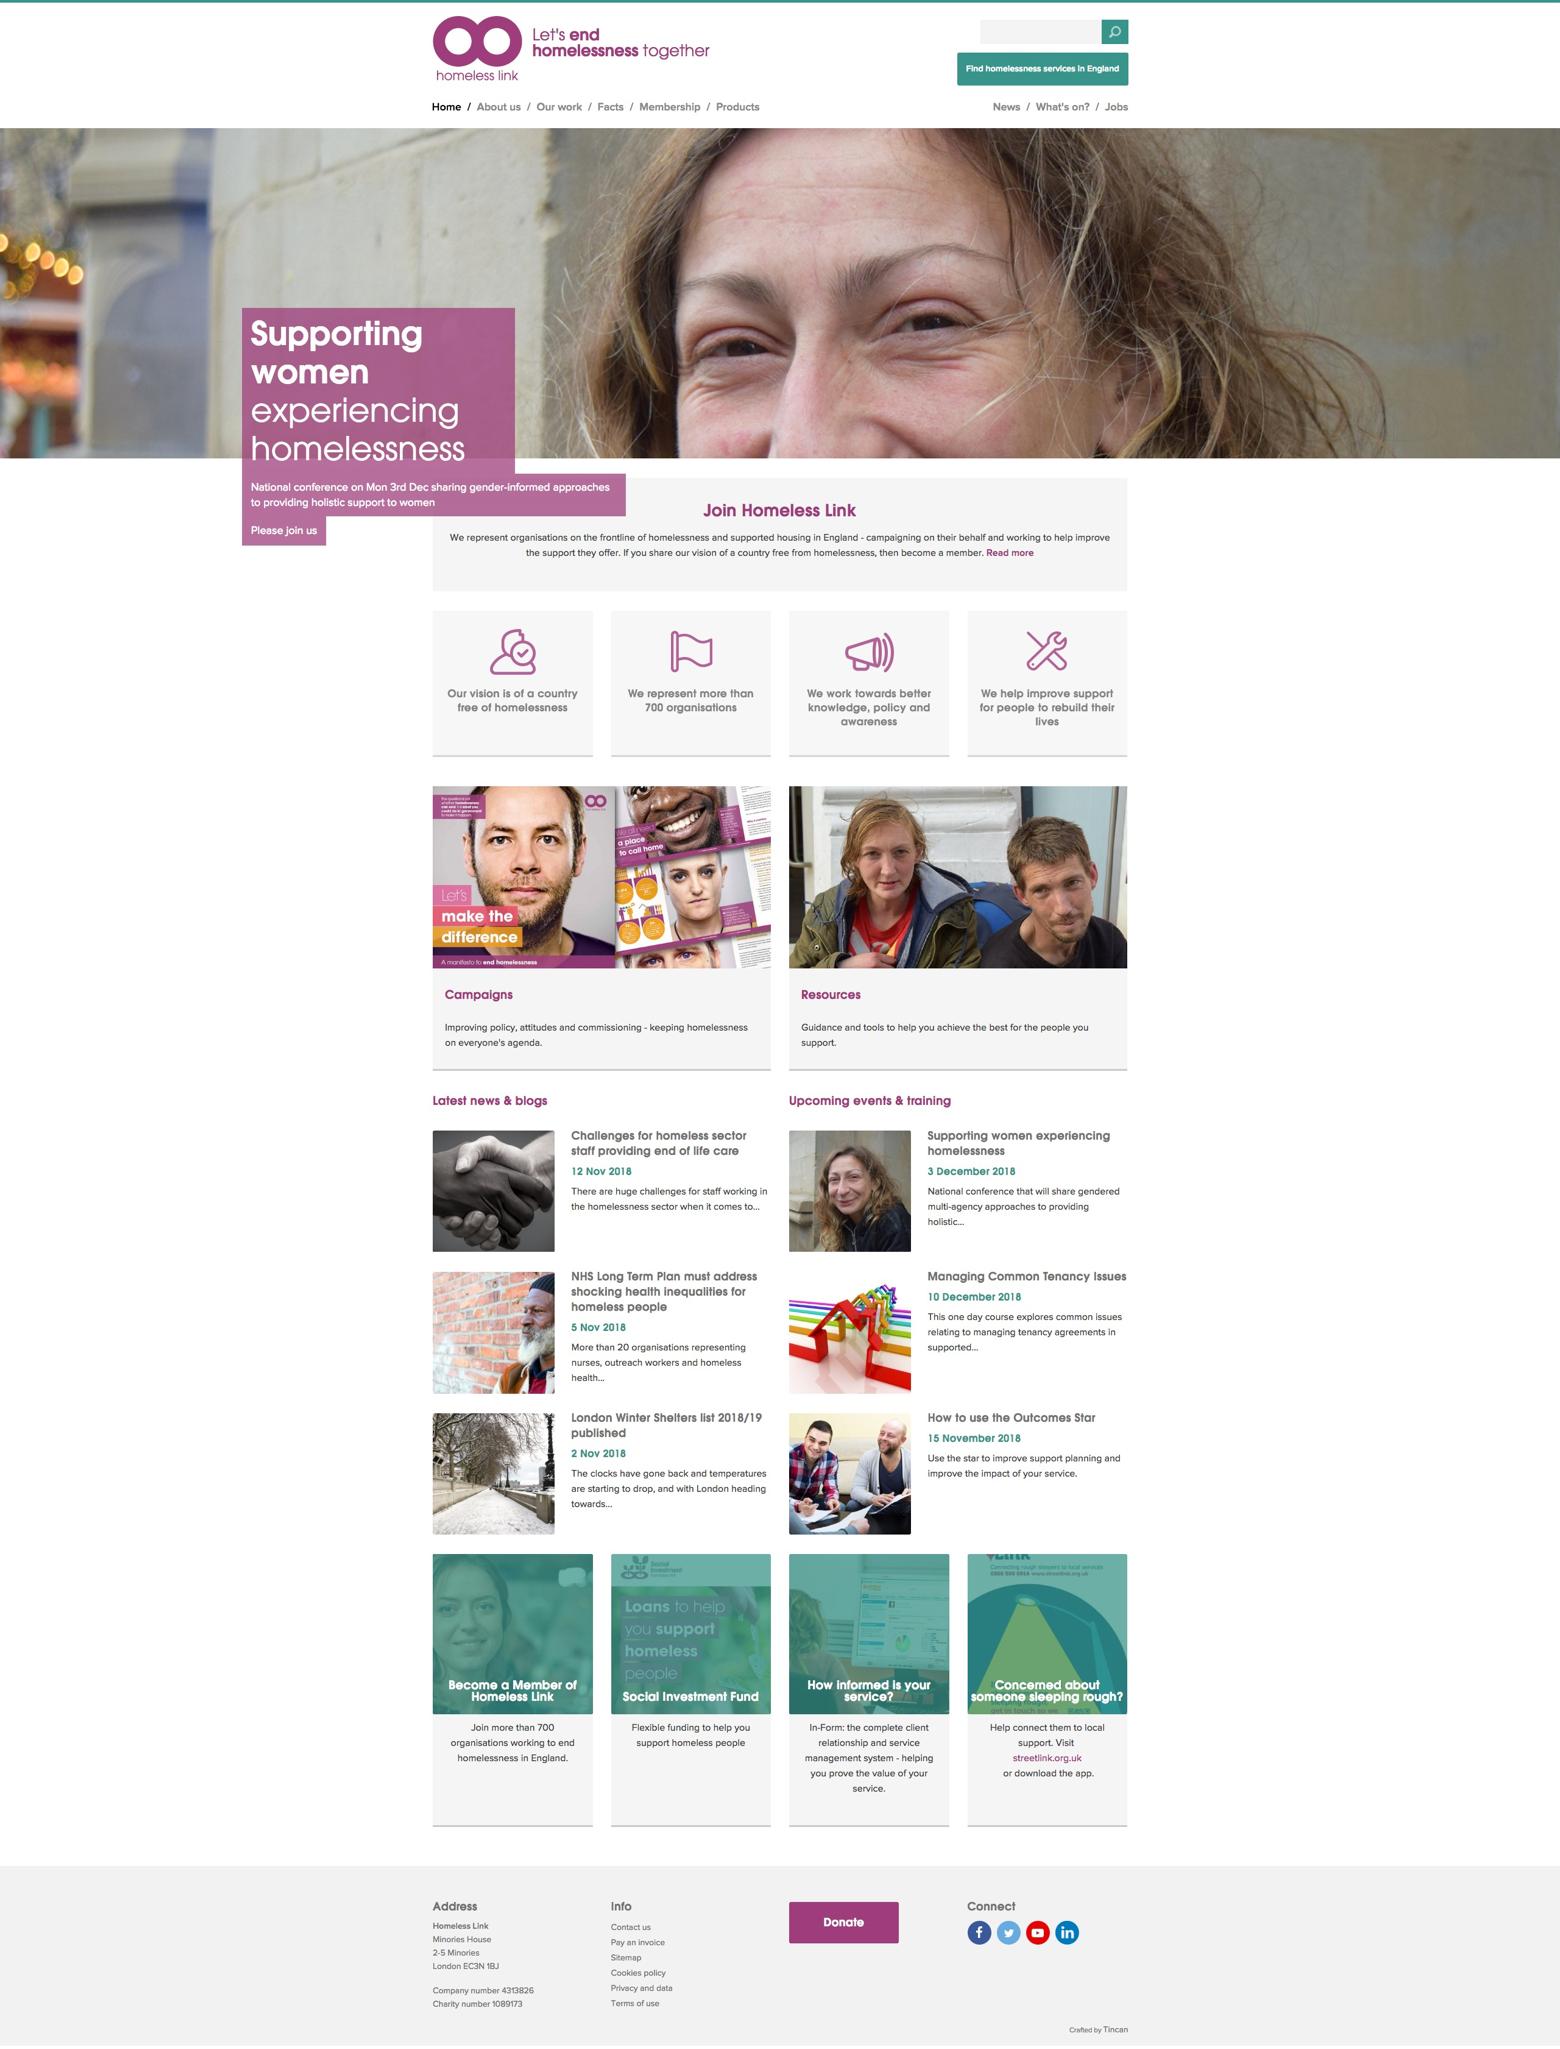 Screenshot of Homeless Link website